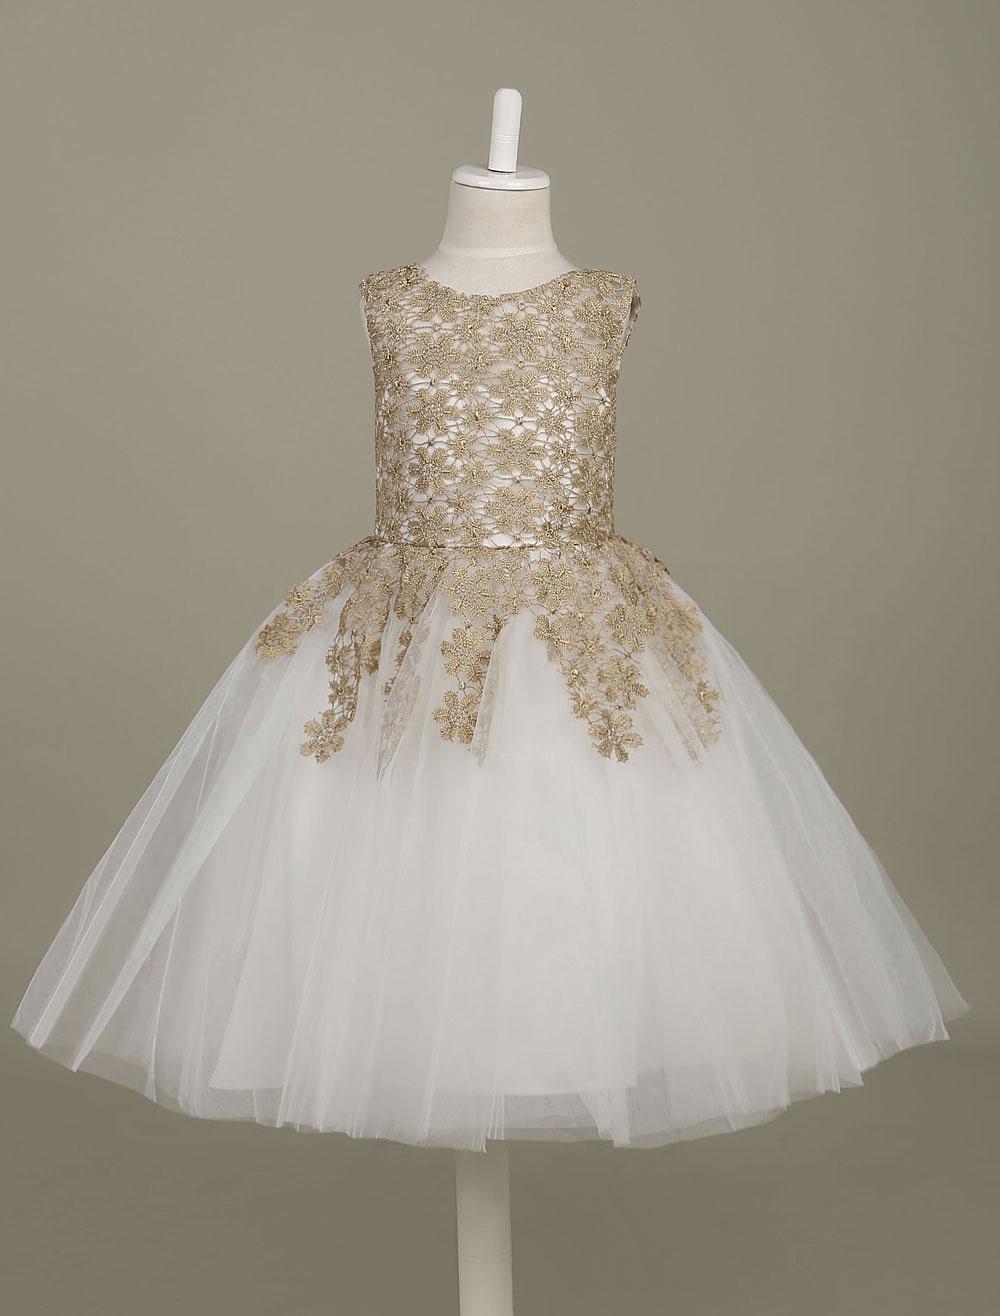 3c74920cff8 Flower Girl Dress Lace Light Gold Tutu Dress Sleeveless A Line Knee ...